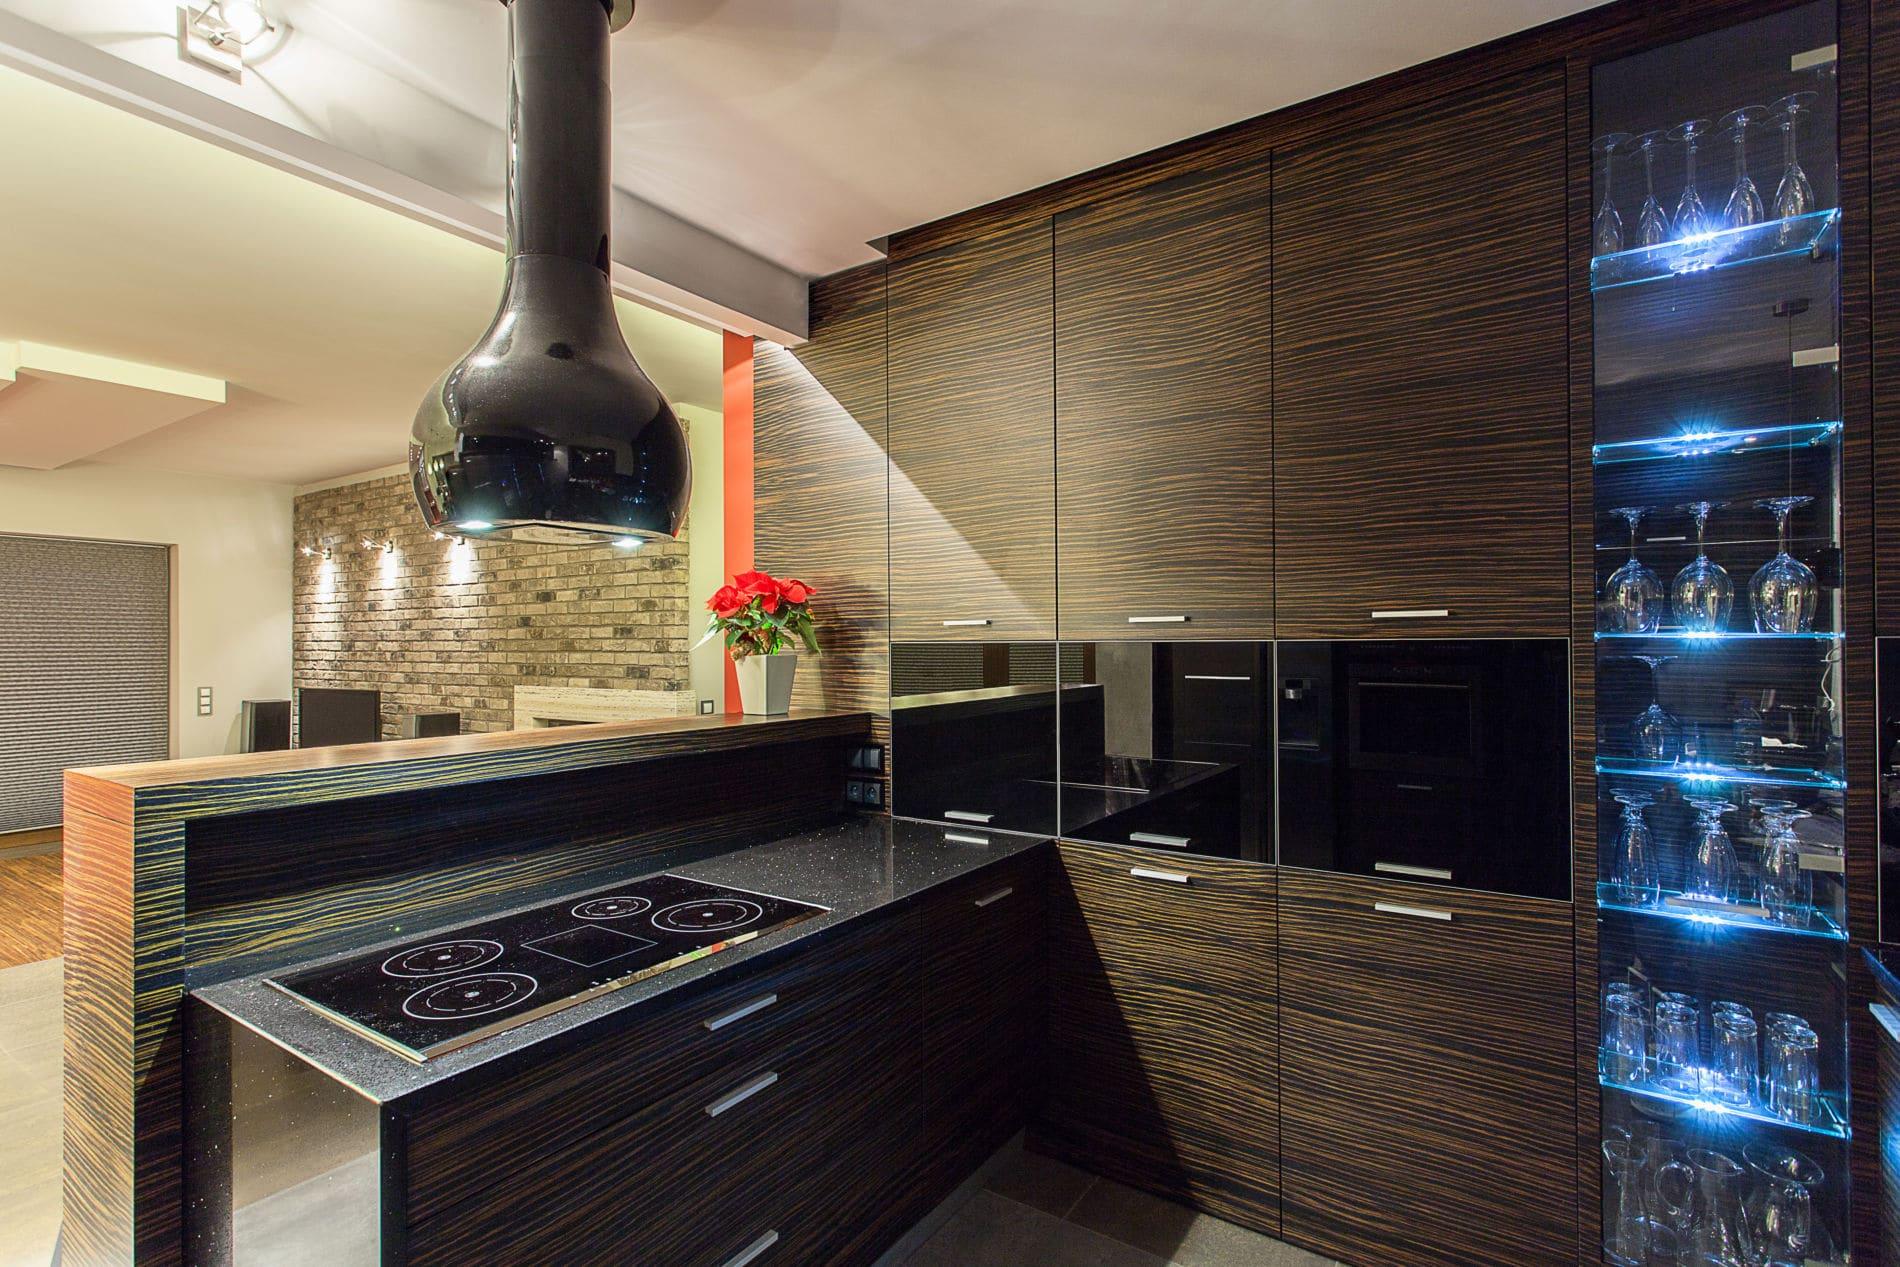 מטבח בעיצוב מרשים דגם בלאק גרניט